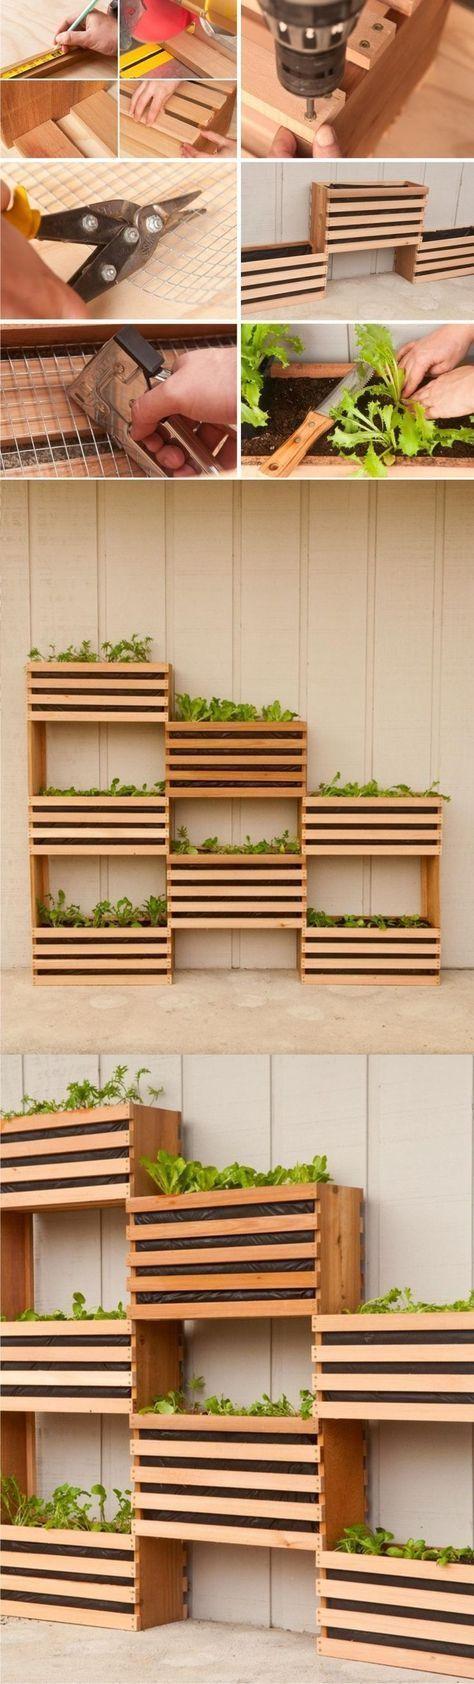 Hervorragende Idee für den Innengarten. Platzsparender vertikaler Gemüsegartengarten